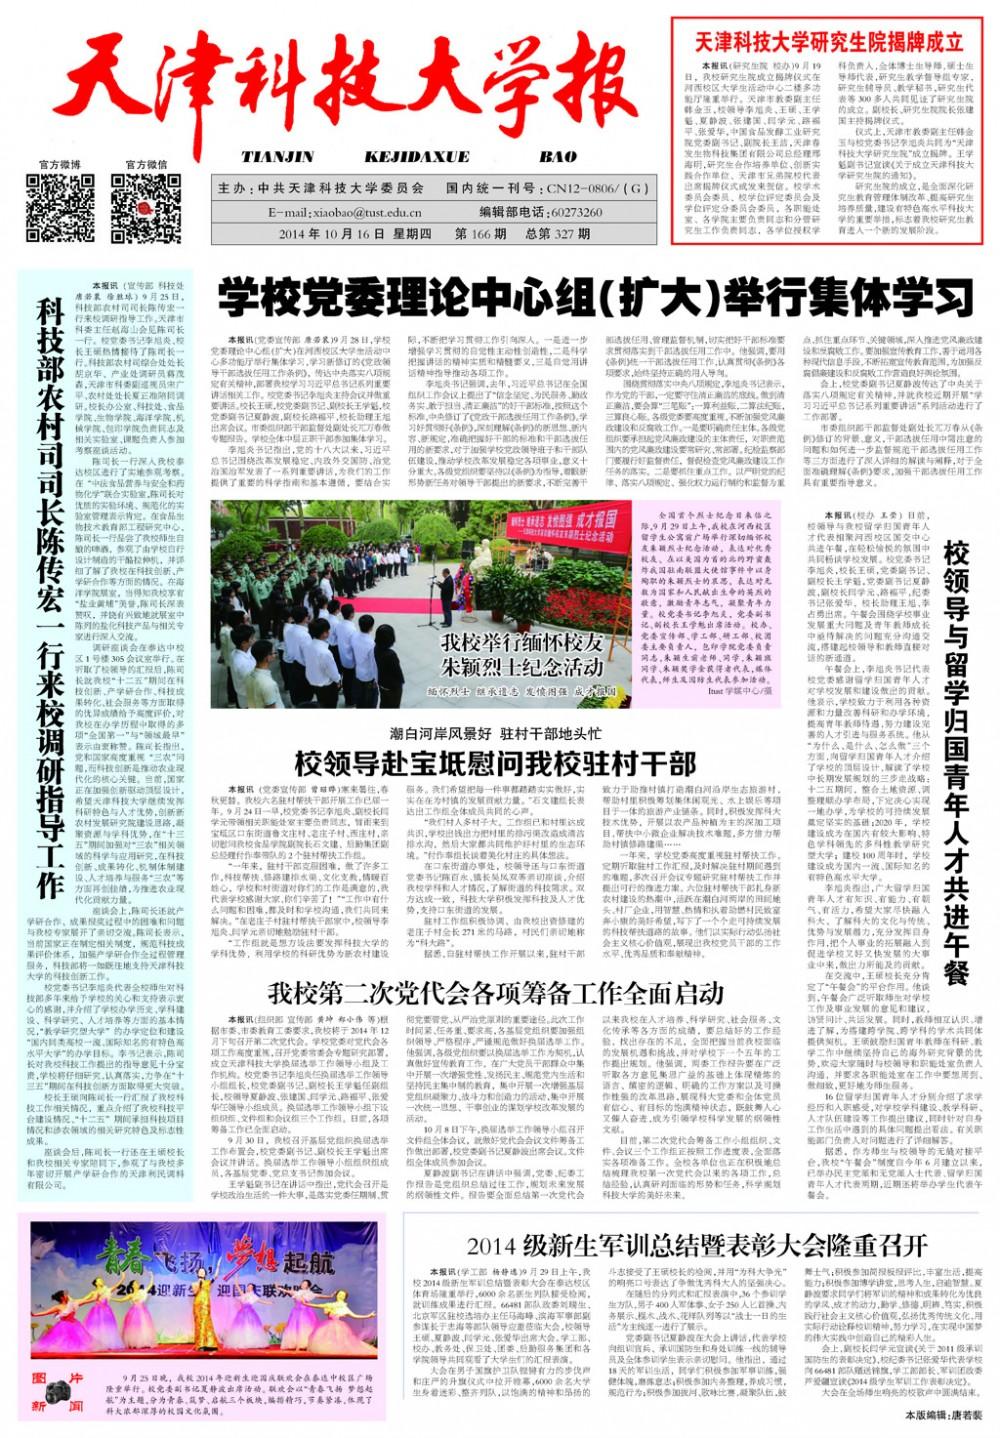 《天津科技大学报》